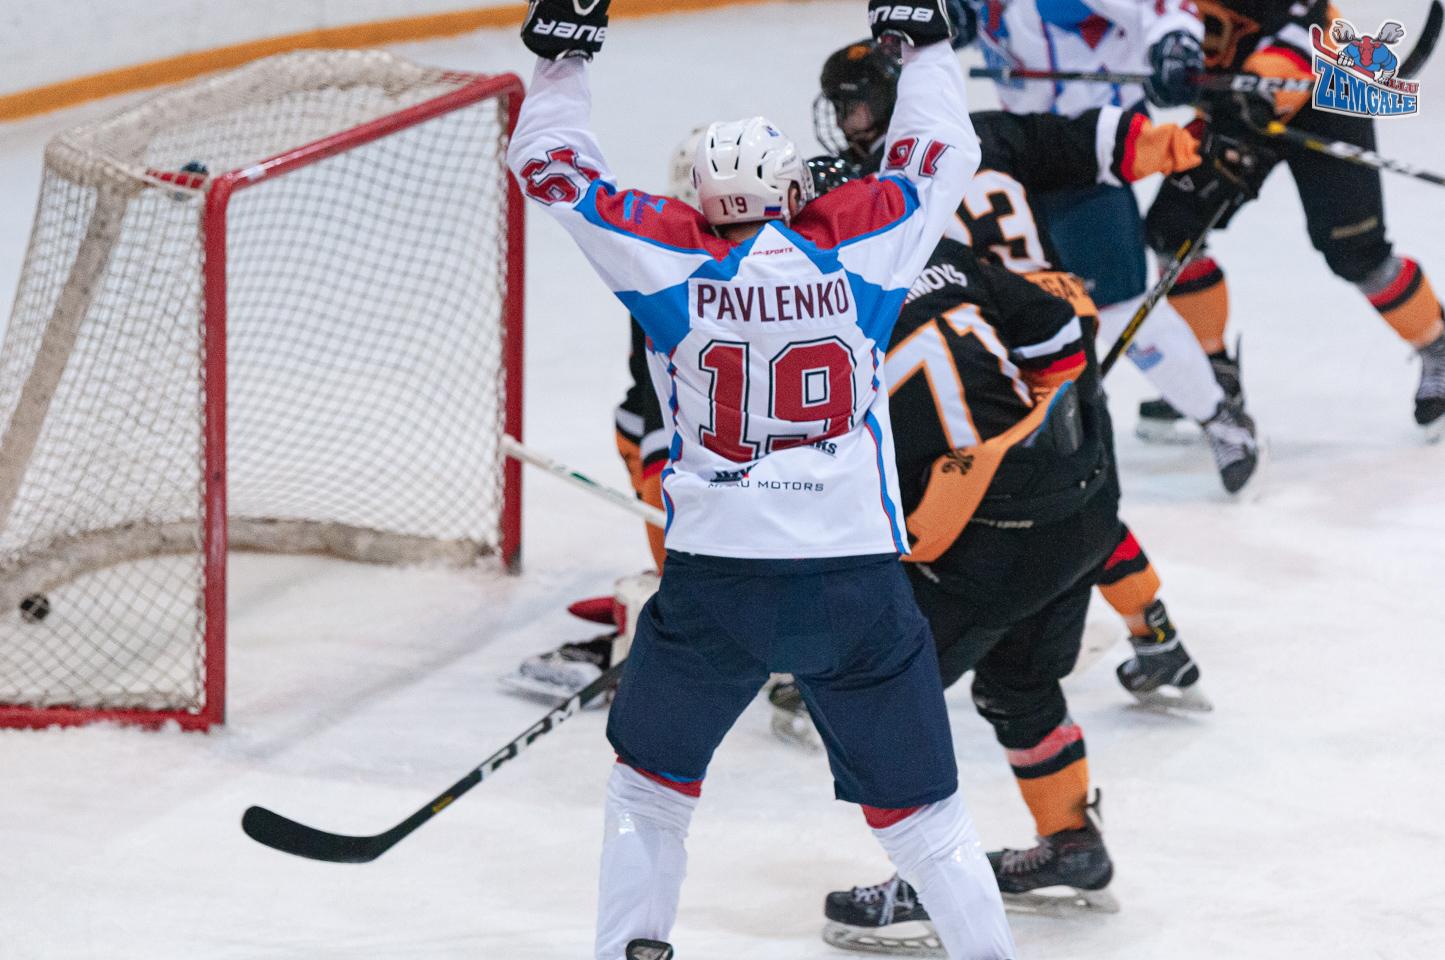 Hokeja uzbrucējs paceļ gaisā rokās pēc vārtu guvuma